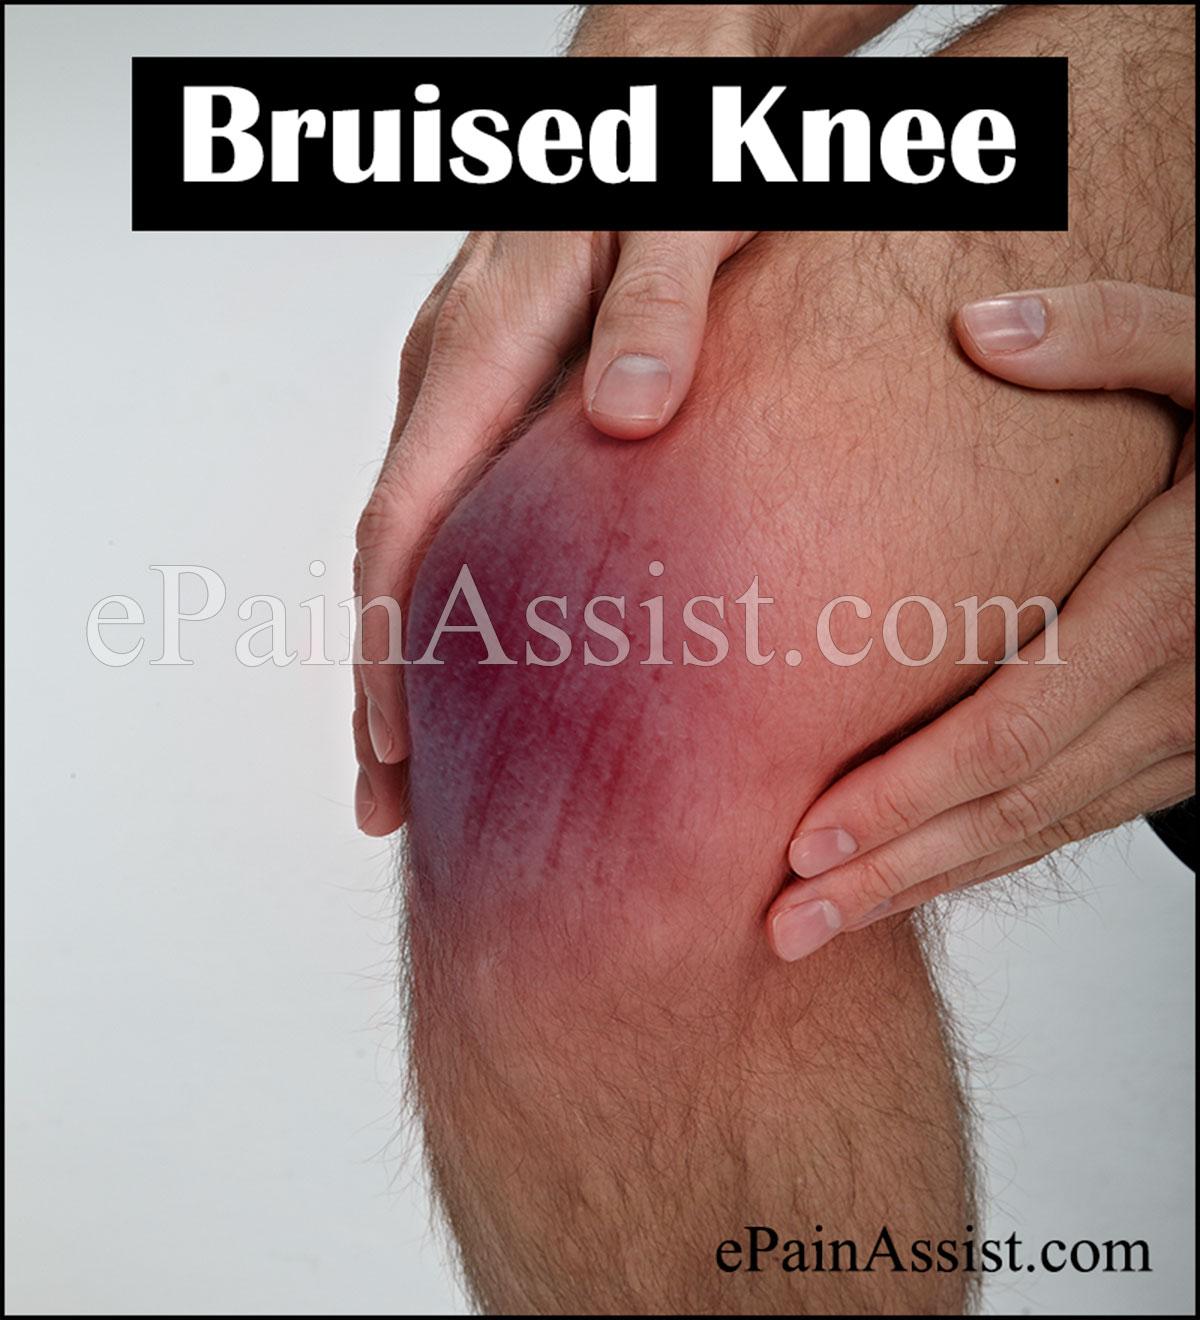 Knee Contusion (Bruised Knee)